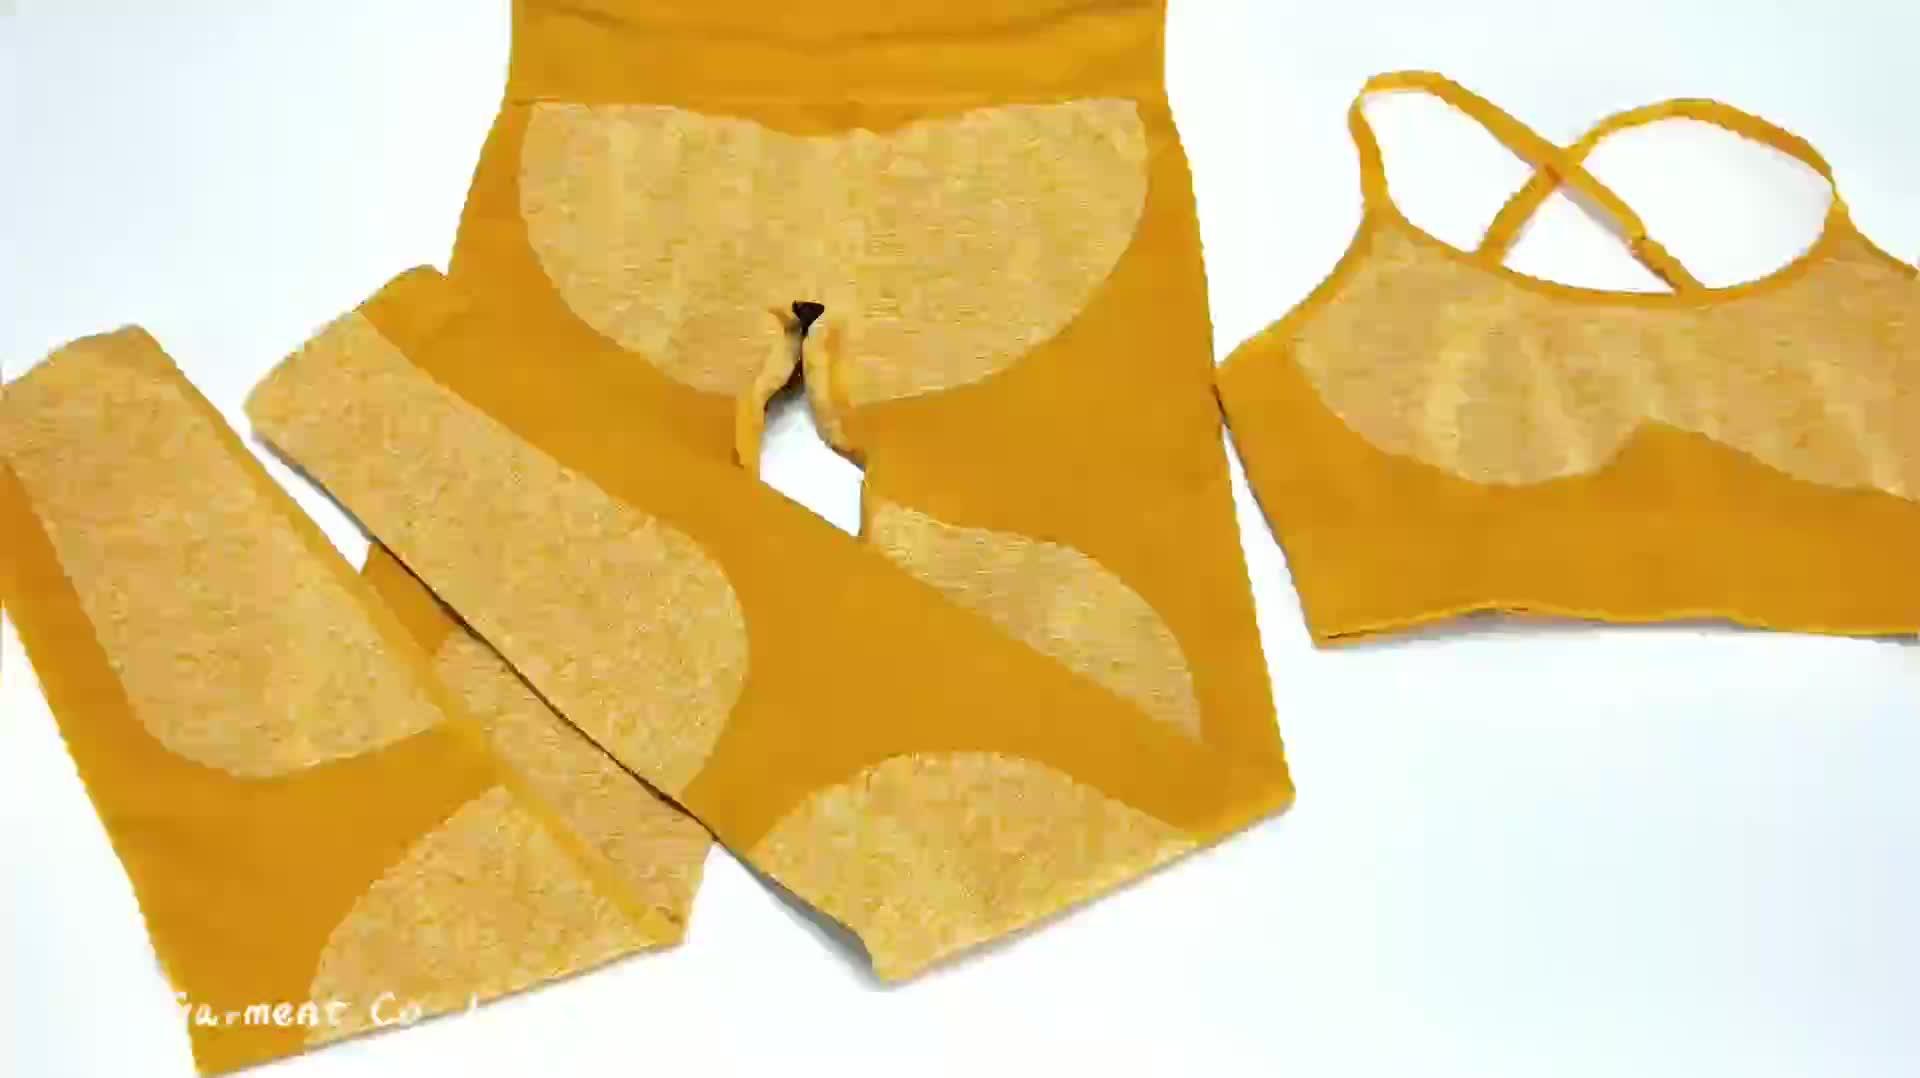 2 टुकड़े Ombre जिम सेट योग सेट महिलाओं जिम कपड़े खेल ब्रा और लेगिंग महिला जिम खेलों महिला फिटनेस कपड़े सूट